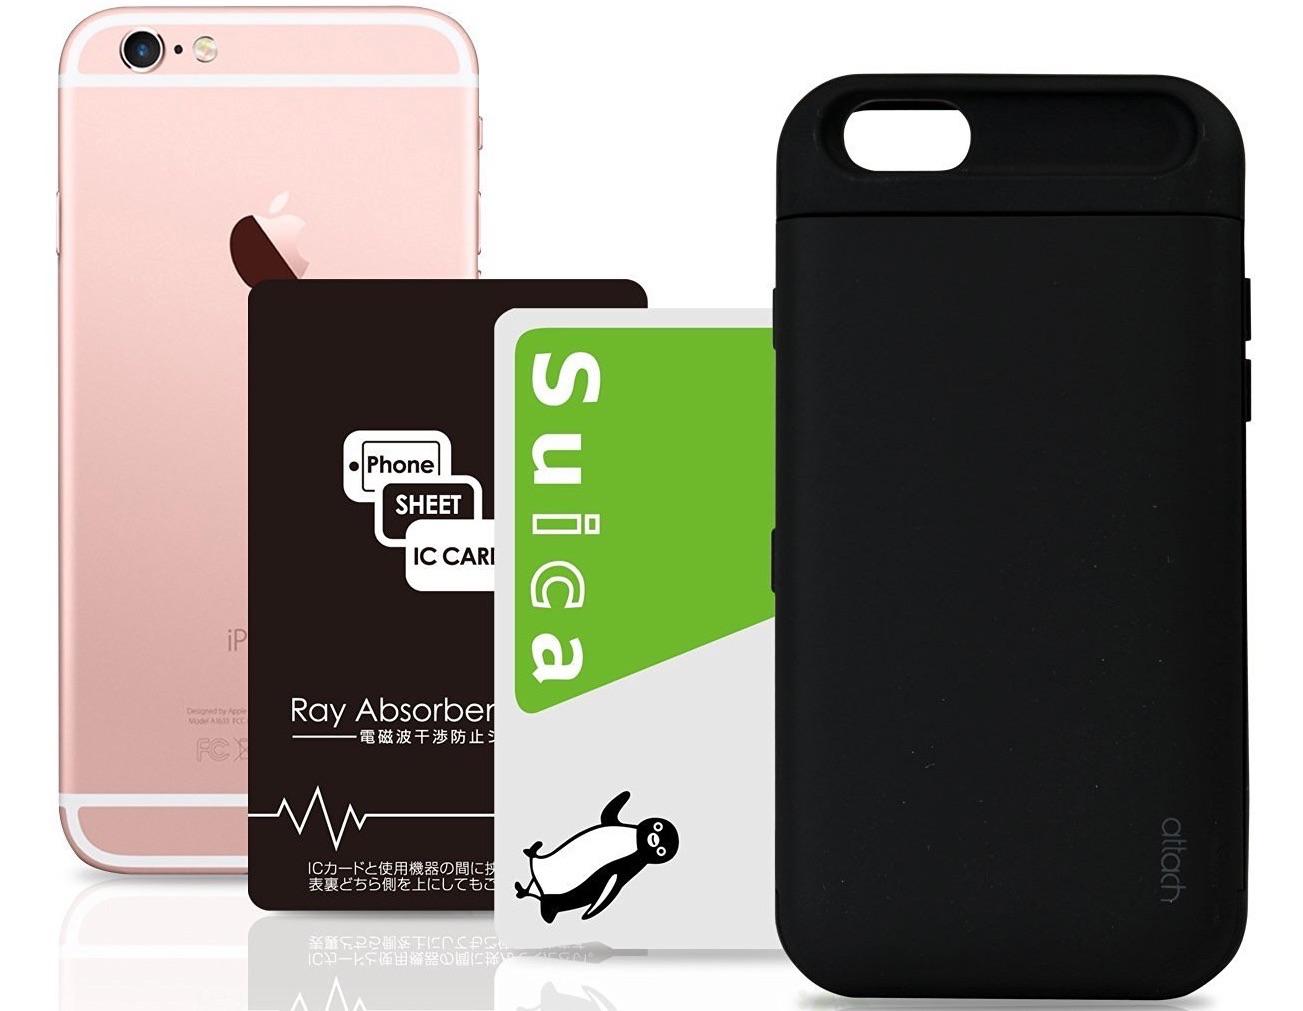 iPhone 7/7 Plus用のおしゃれ/人気なケース・カバー - Suicaが入れられるケース・カバー